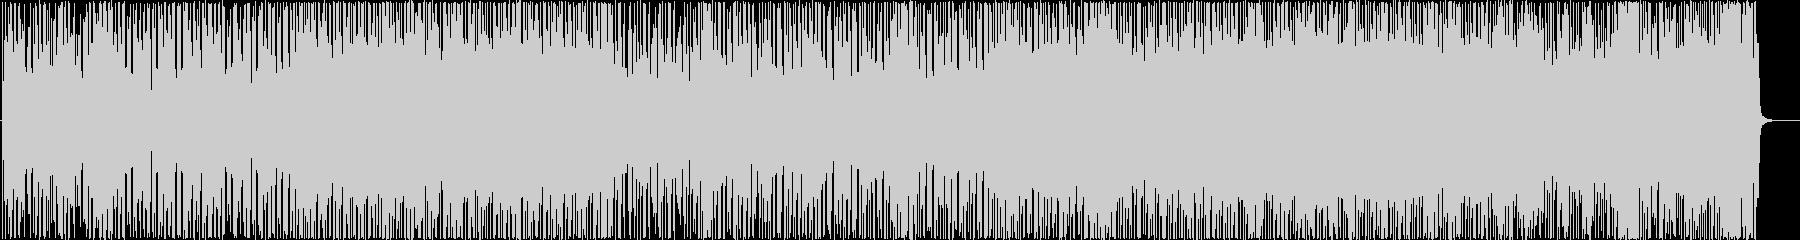 わくわくするような雰囲気のギターインストの未再生の波形